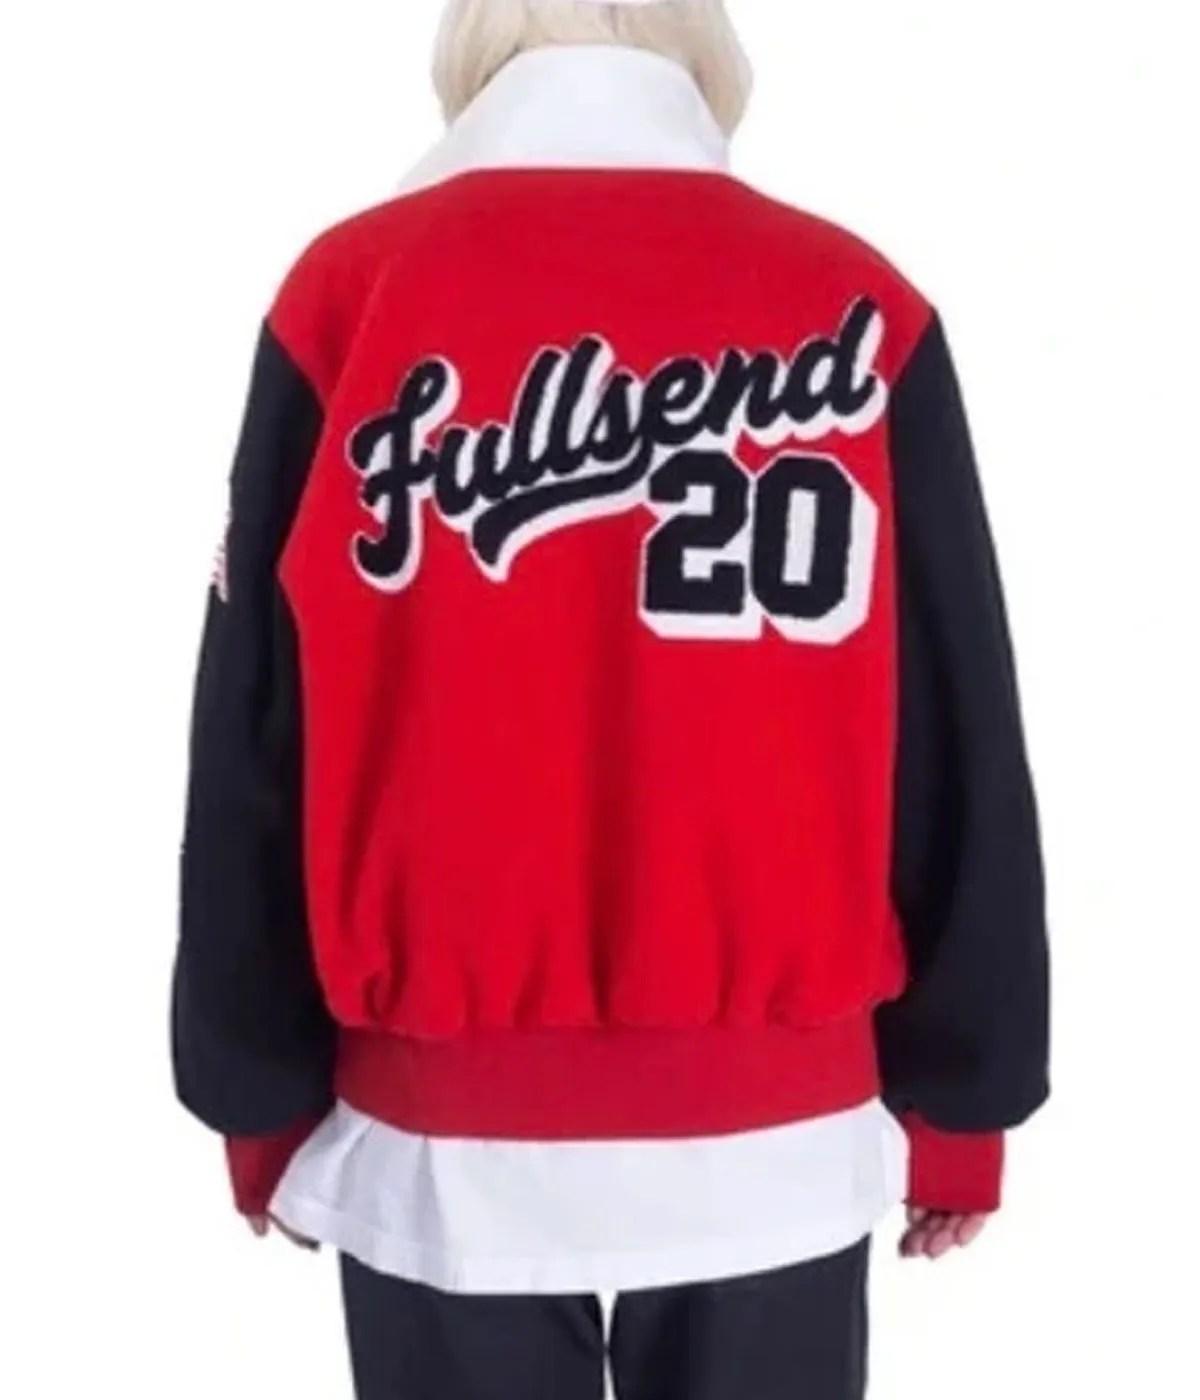 full-send-letterman-fubu-college-jacket